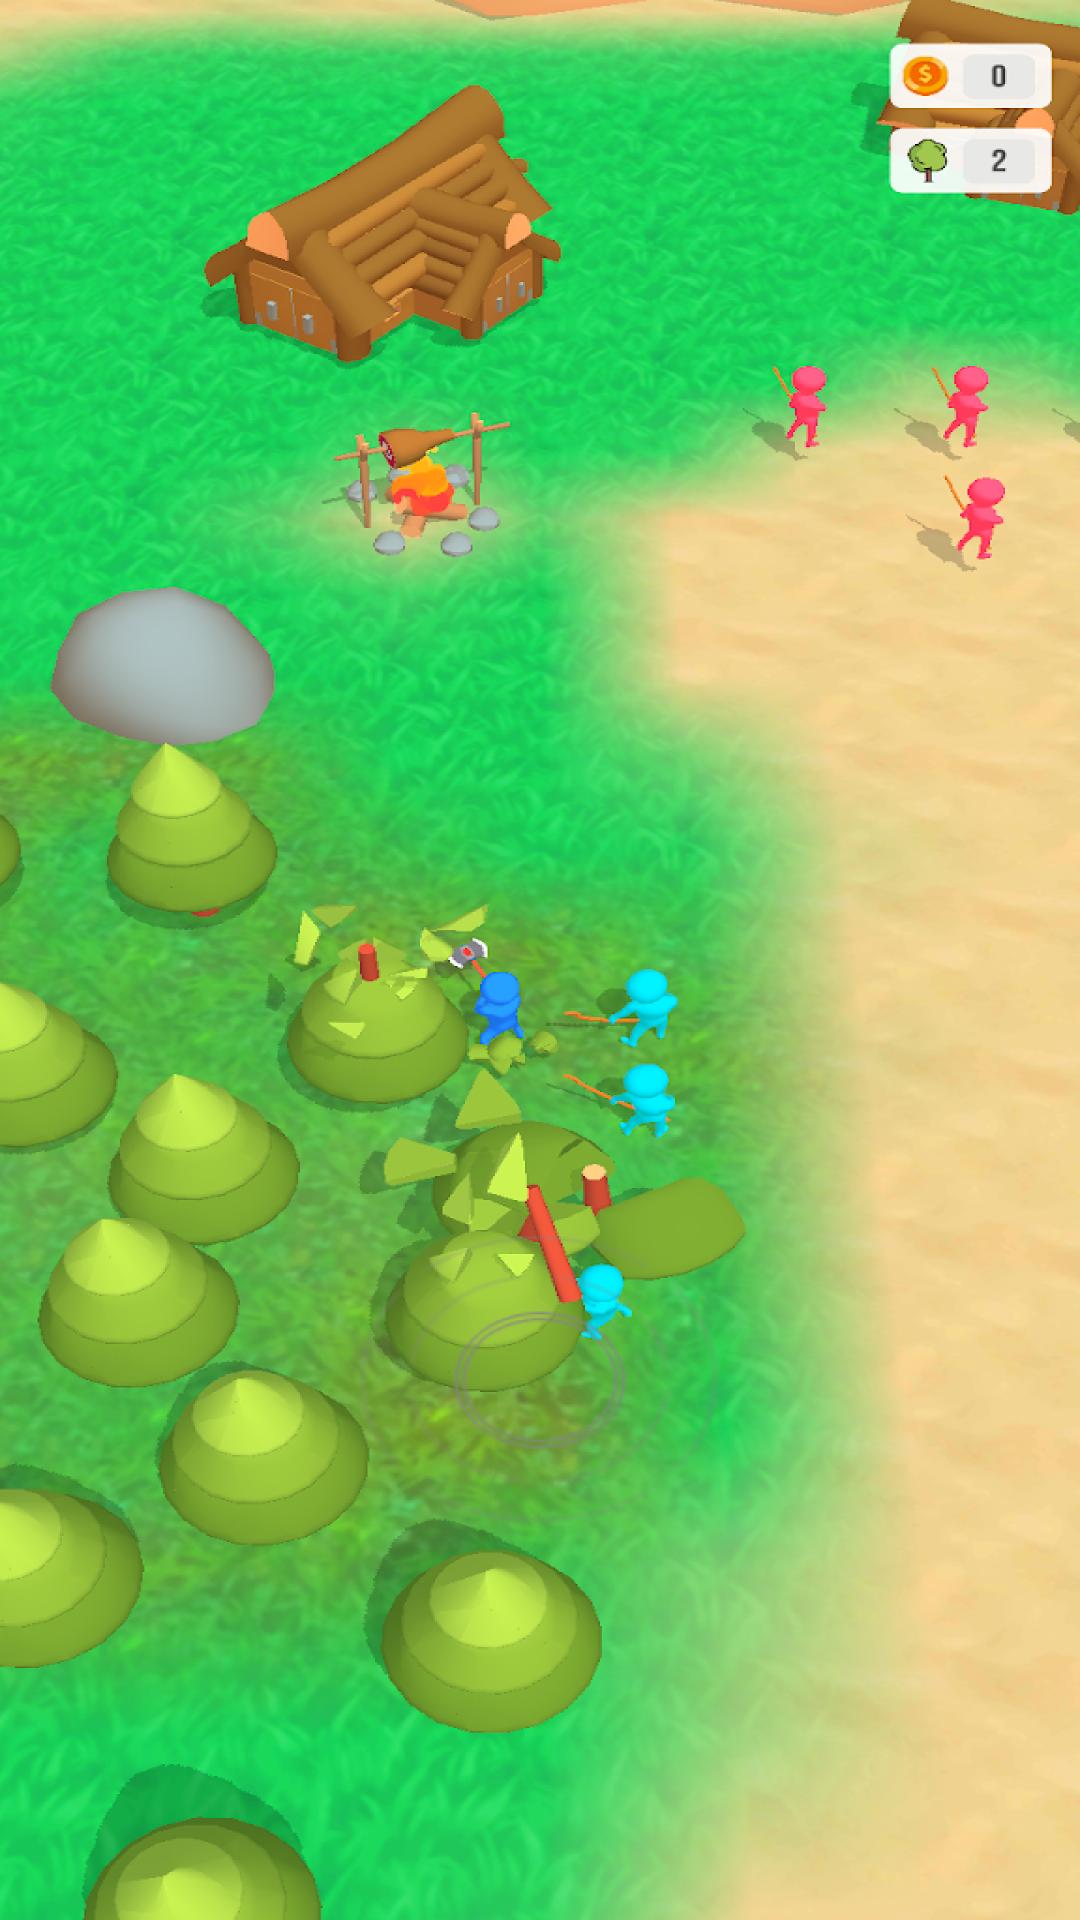 伐木冲突小游戏v0.3 最新版